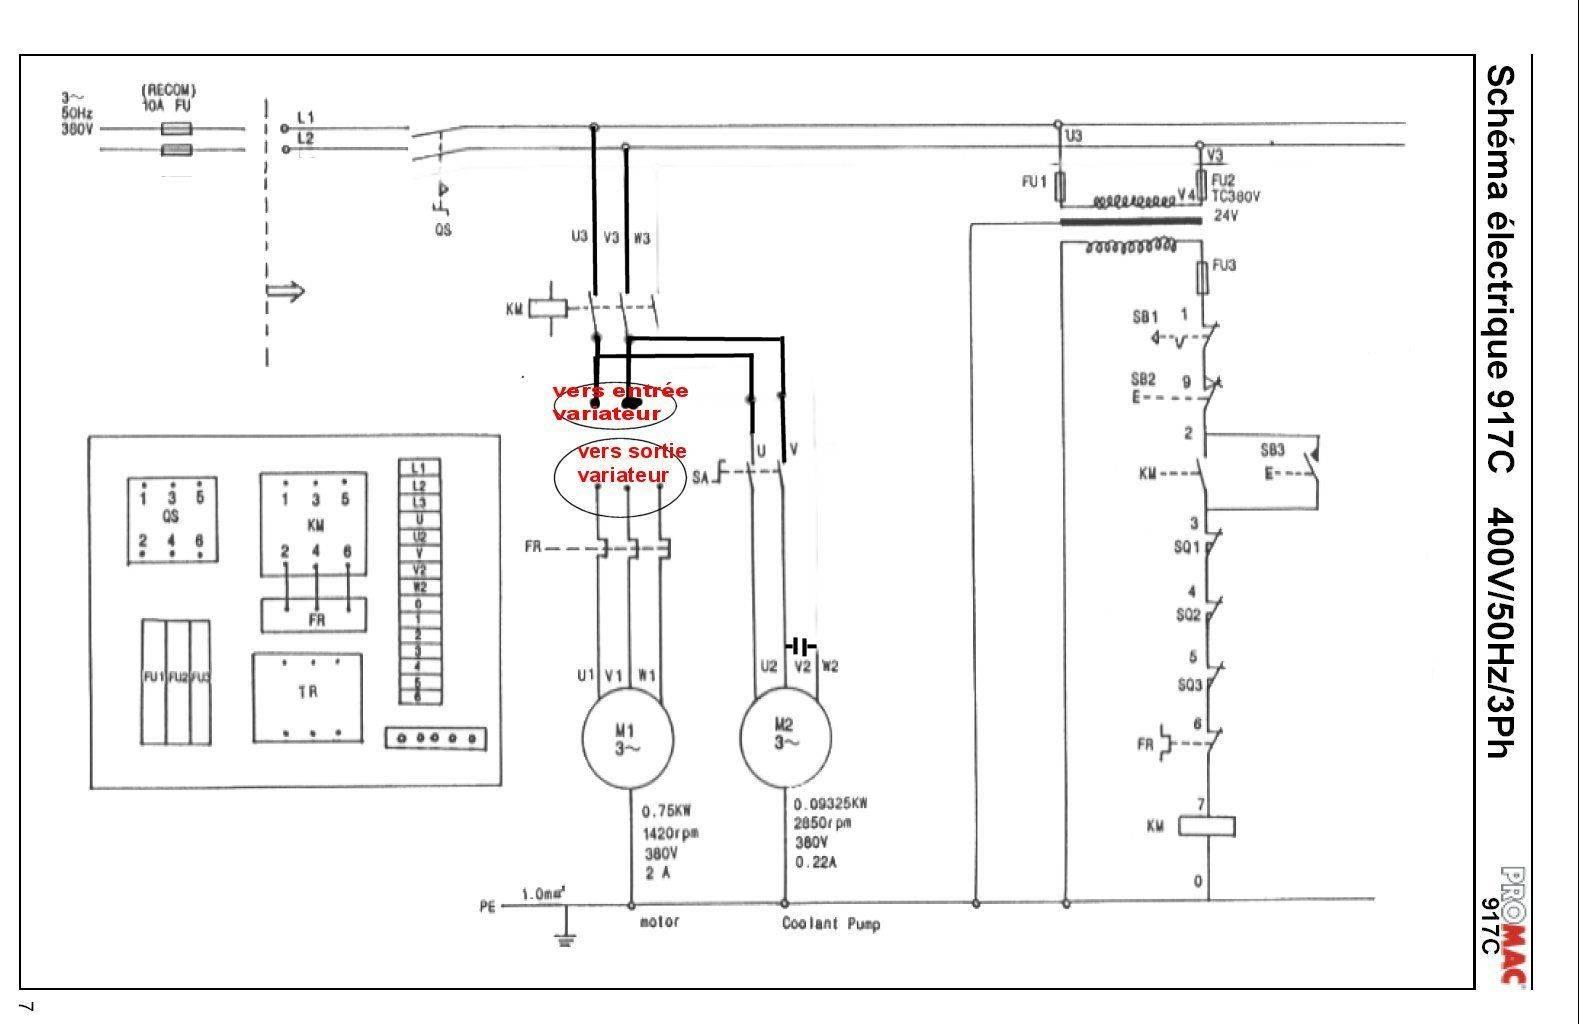 mdif schéma électrique scie  promac.jpg